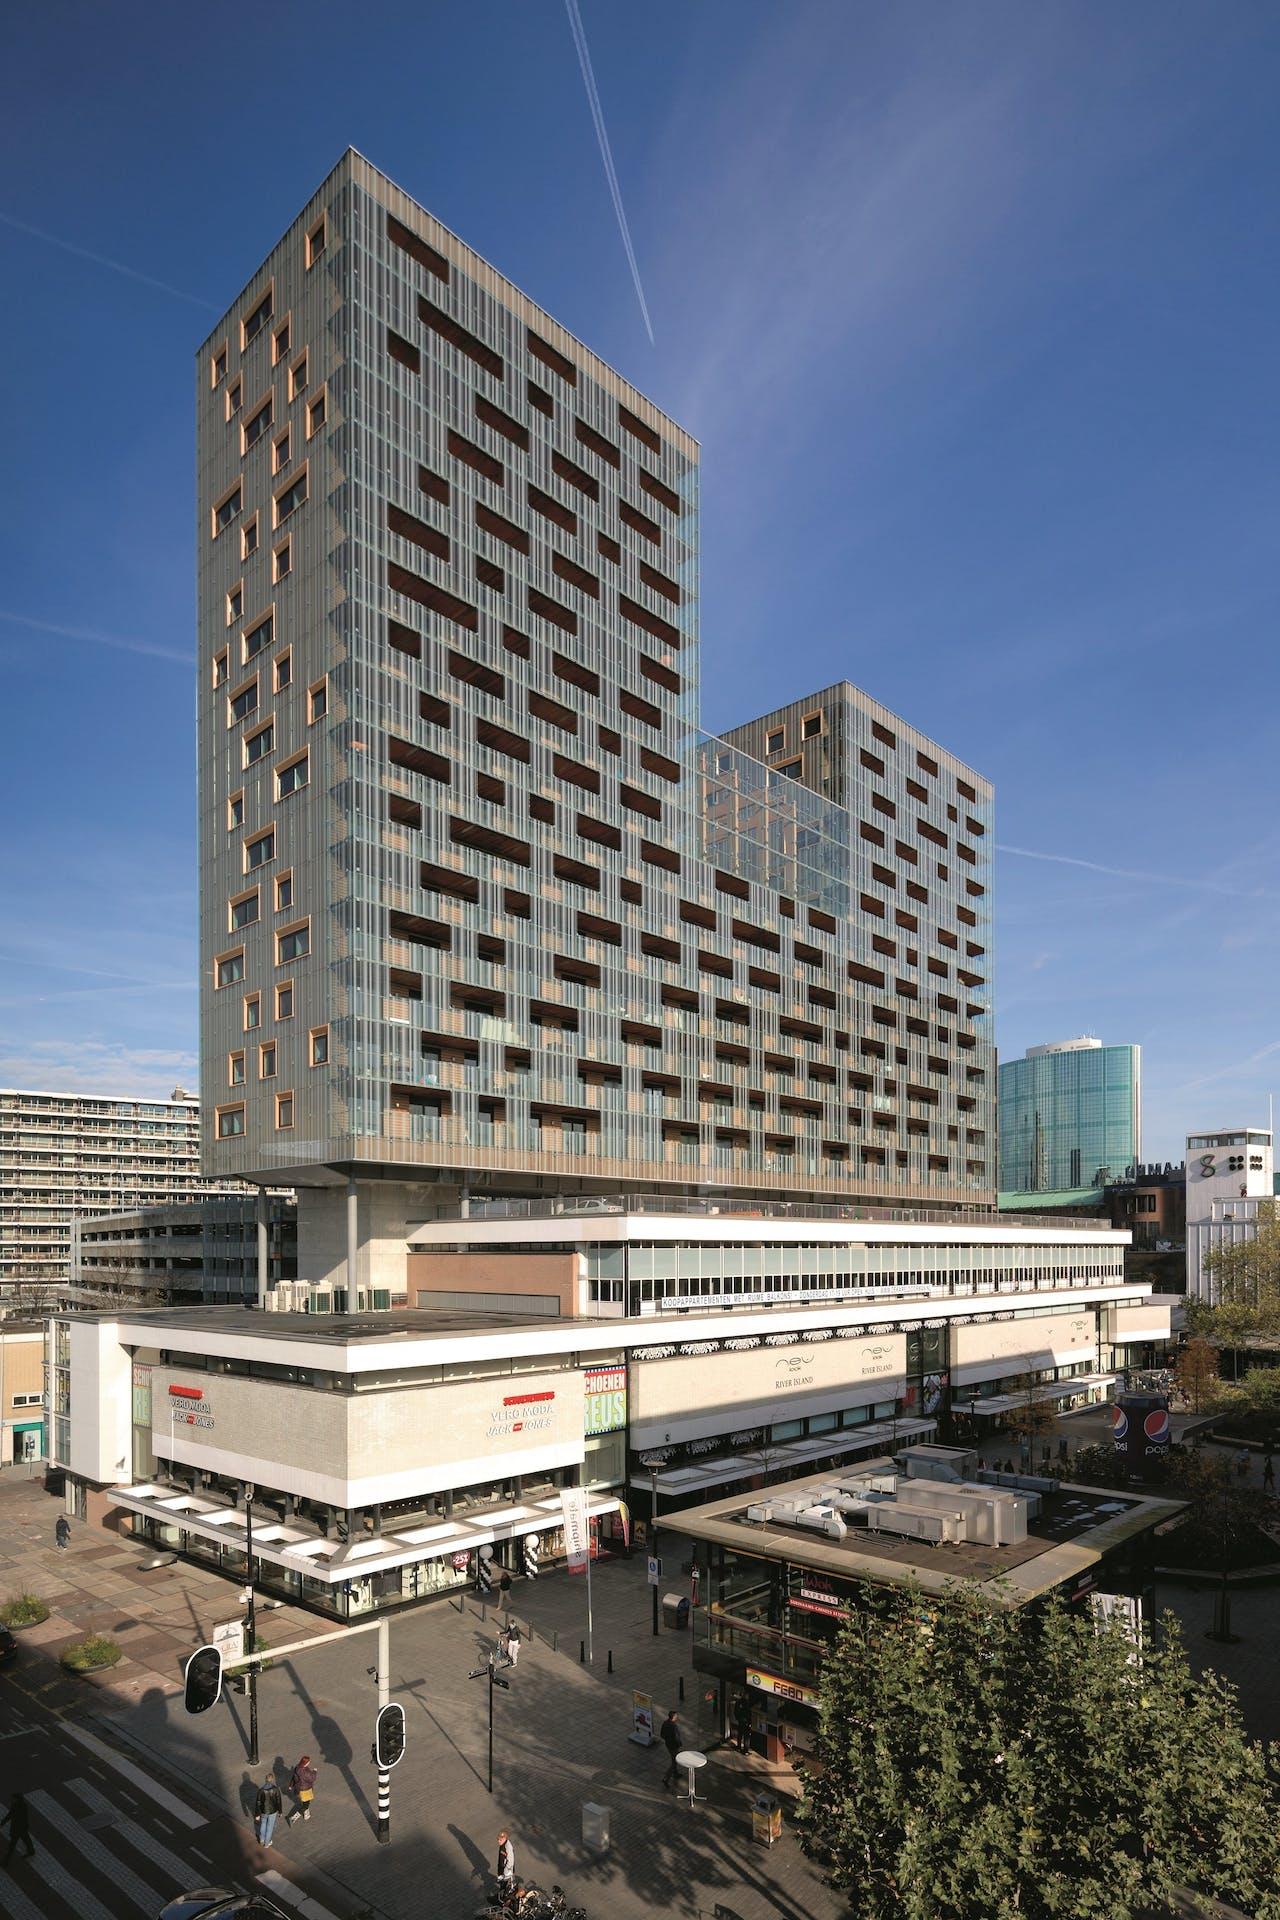 De Karel Doorman: 70 meter hoog woongebouw met 114 appartementen op een bestaand gebouw in Rotterdam.